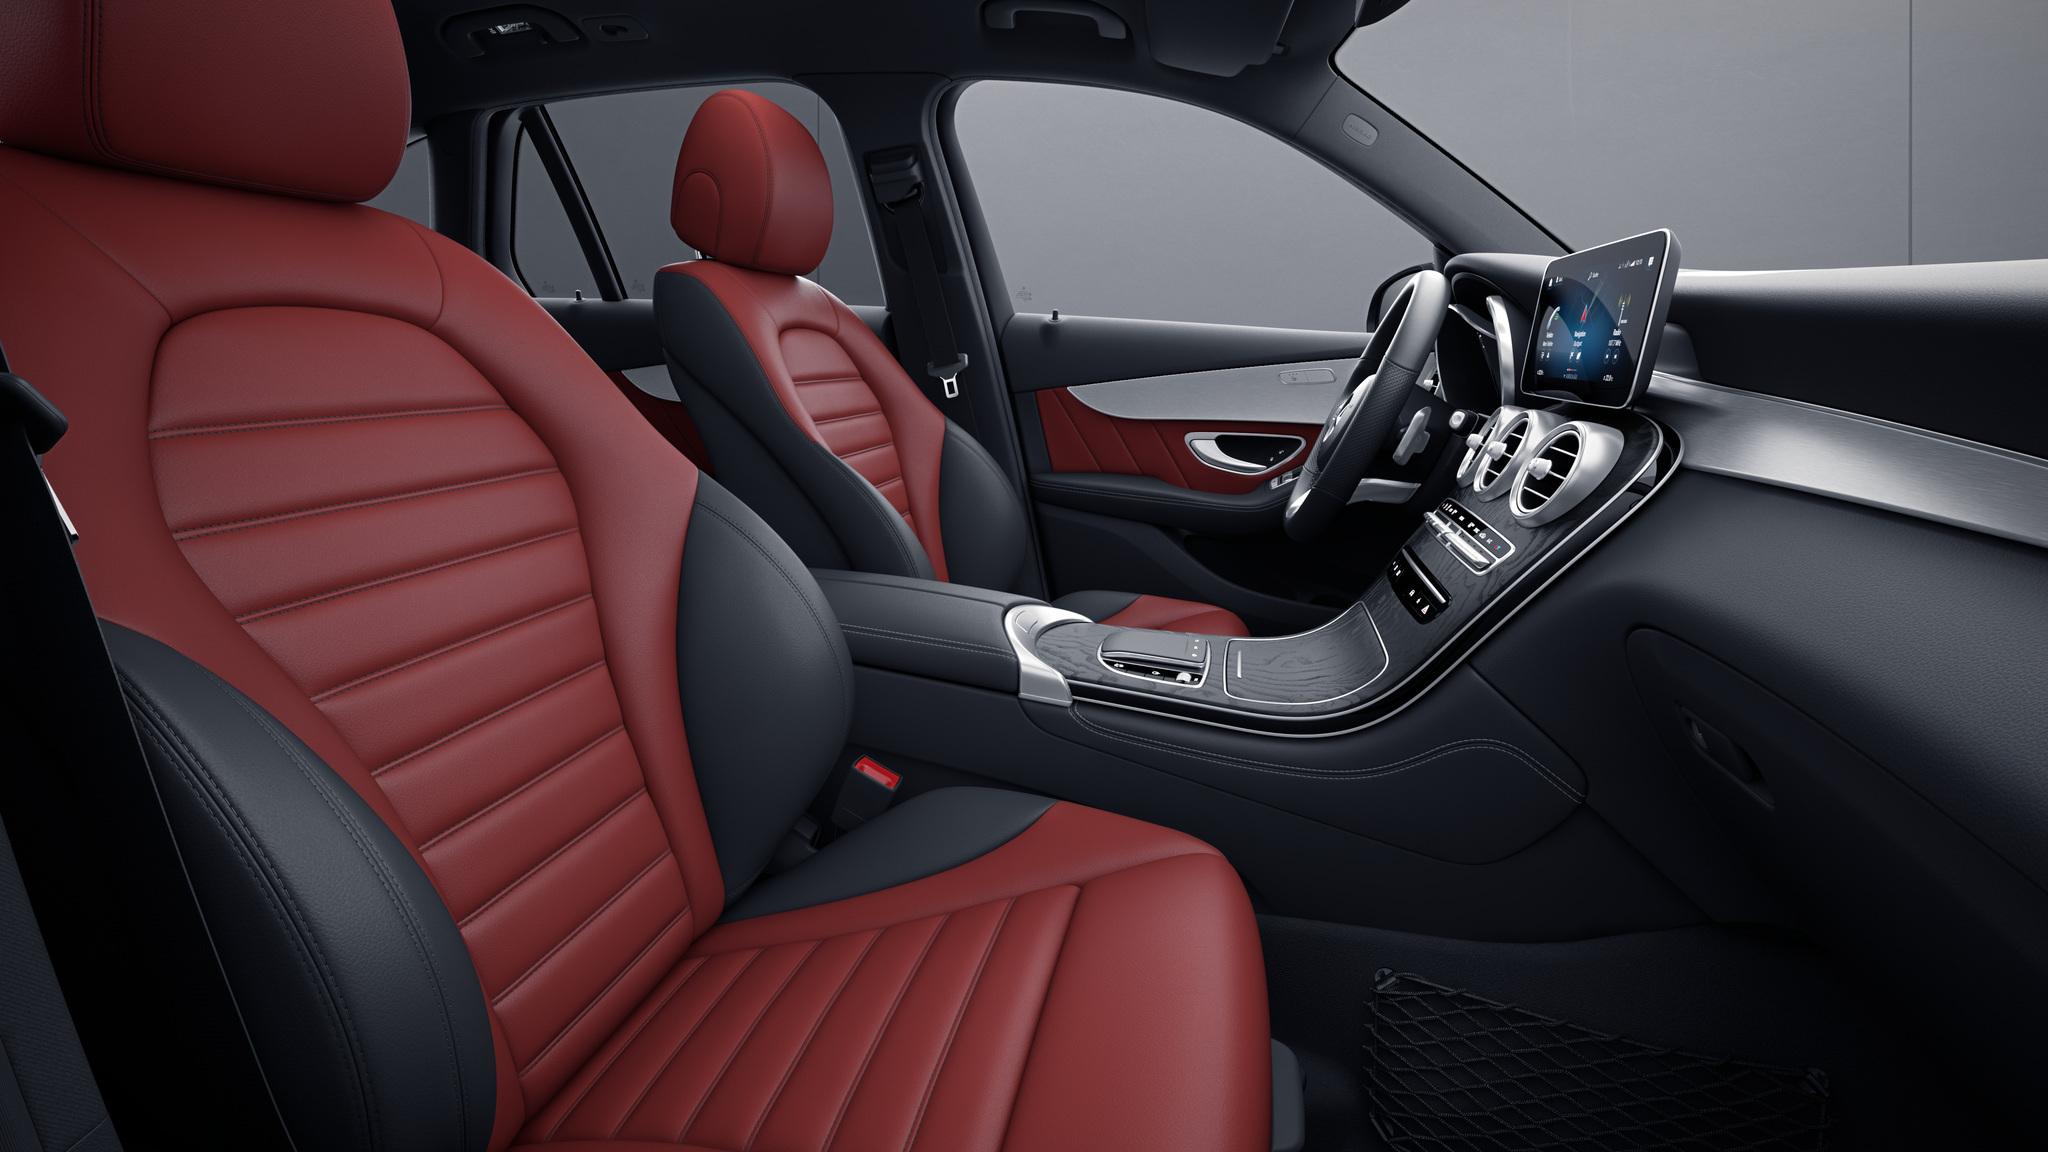 Habitacle de la Mercedes GLC avec une Sellerie cuir bicolore - rouge cranberry noir